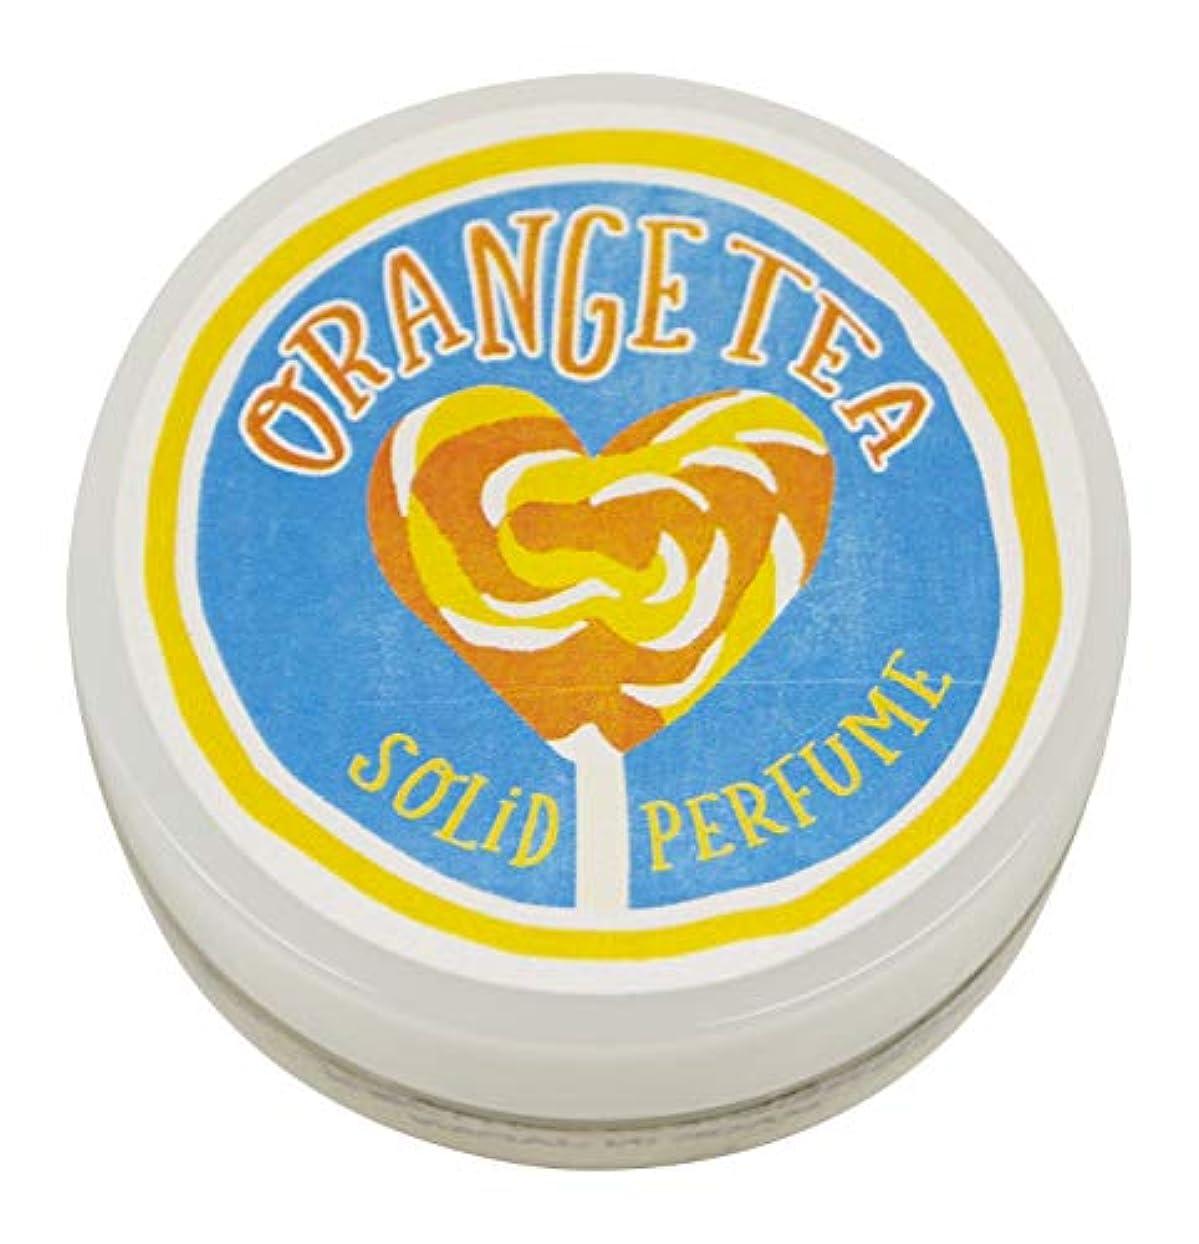 更新する蓄積するヨーロッパコトラボ 練り香水 8g オレンジティー